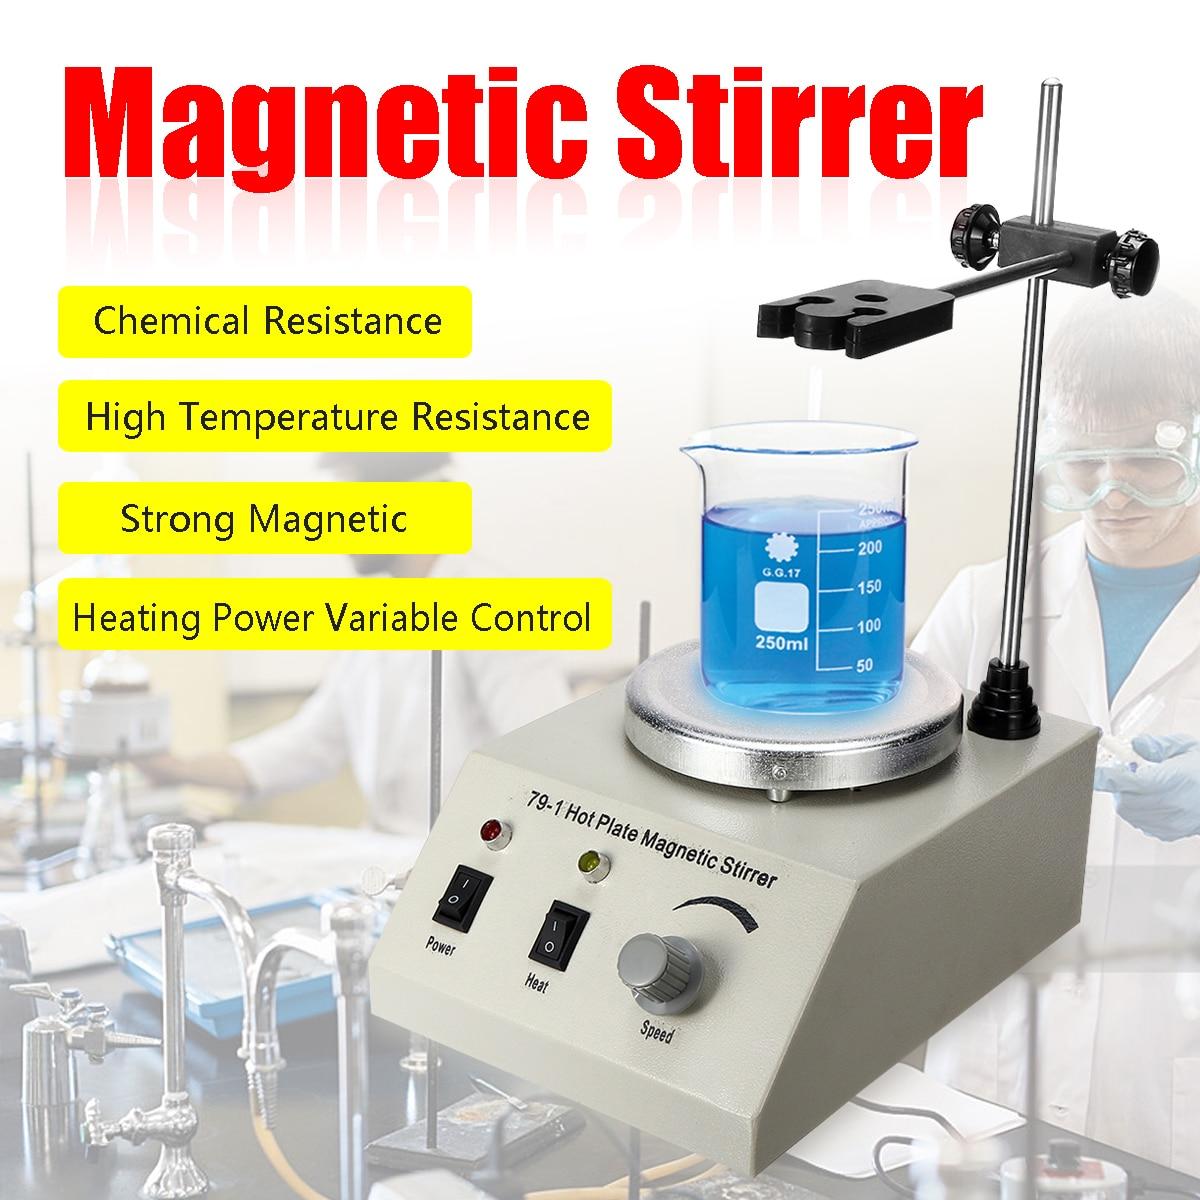 79-1 1000 ml placa caliente agitador magnético de laboratorio calefacción Control de velocidad mezclador 110/220 V sin ruido no vibración ee.uu./EU/AU Plug suave Run